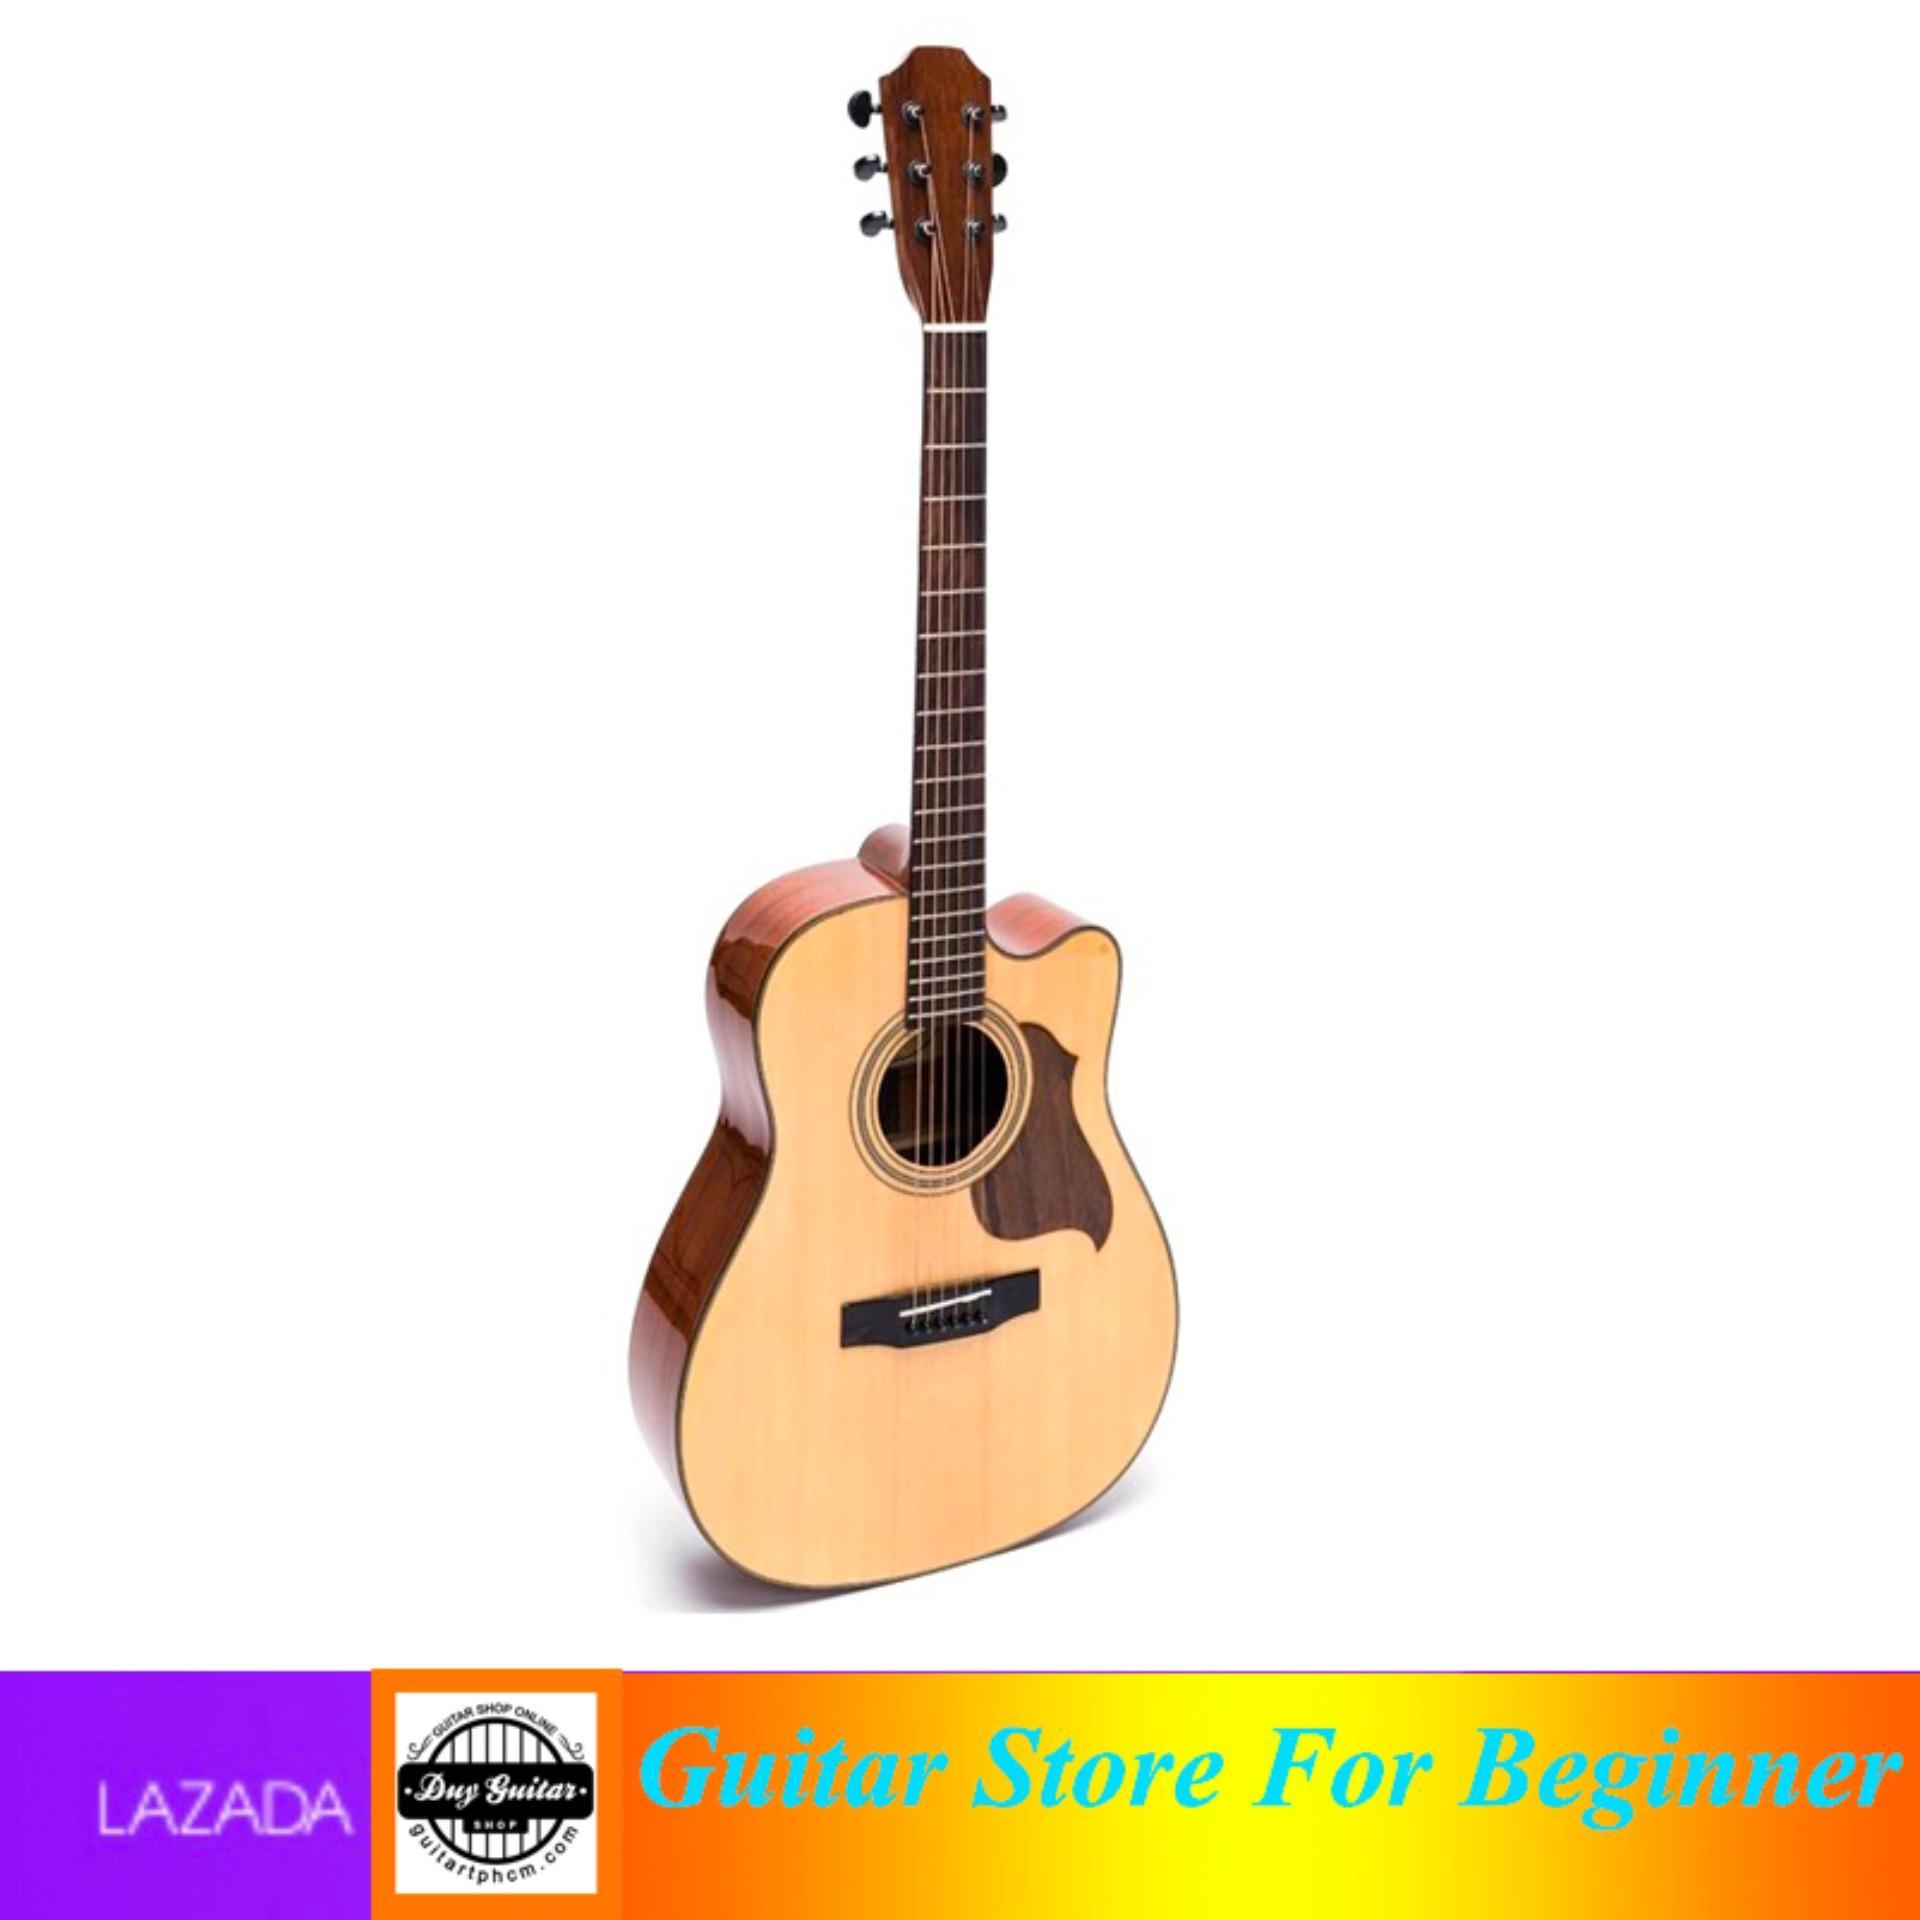 Đàn guitar Acoustic DMT350 - Duy Guitar Shop chuyên đàn guitar dành cho người mới tập